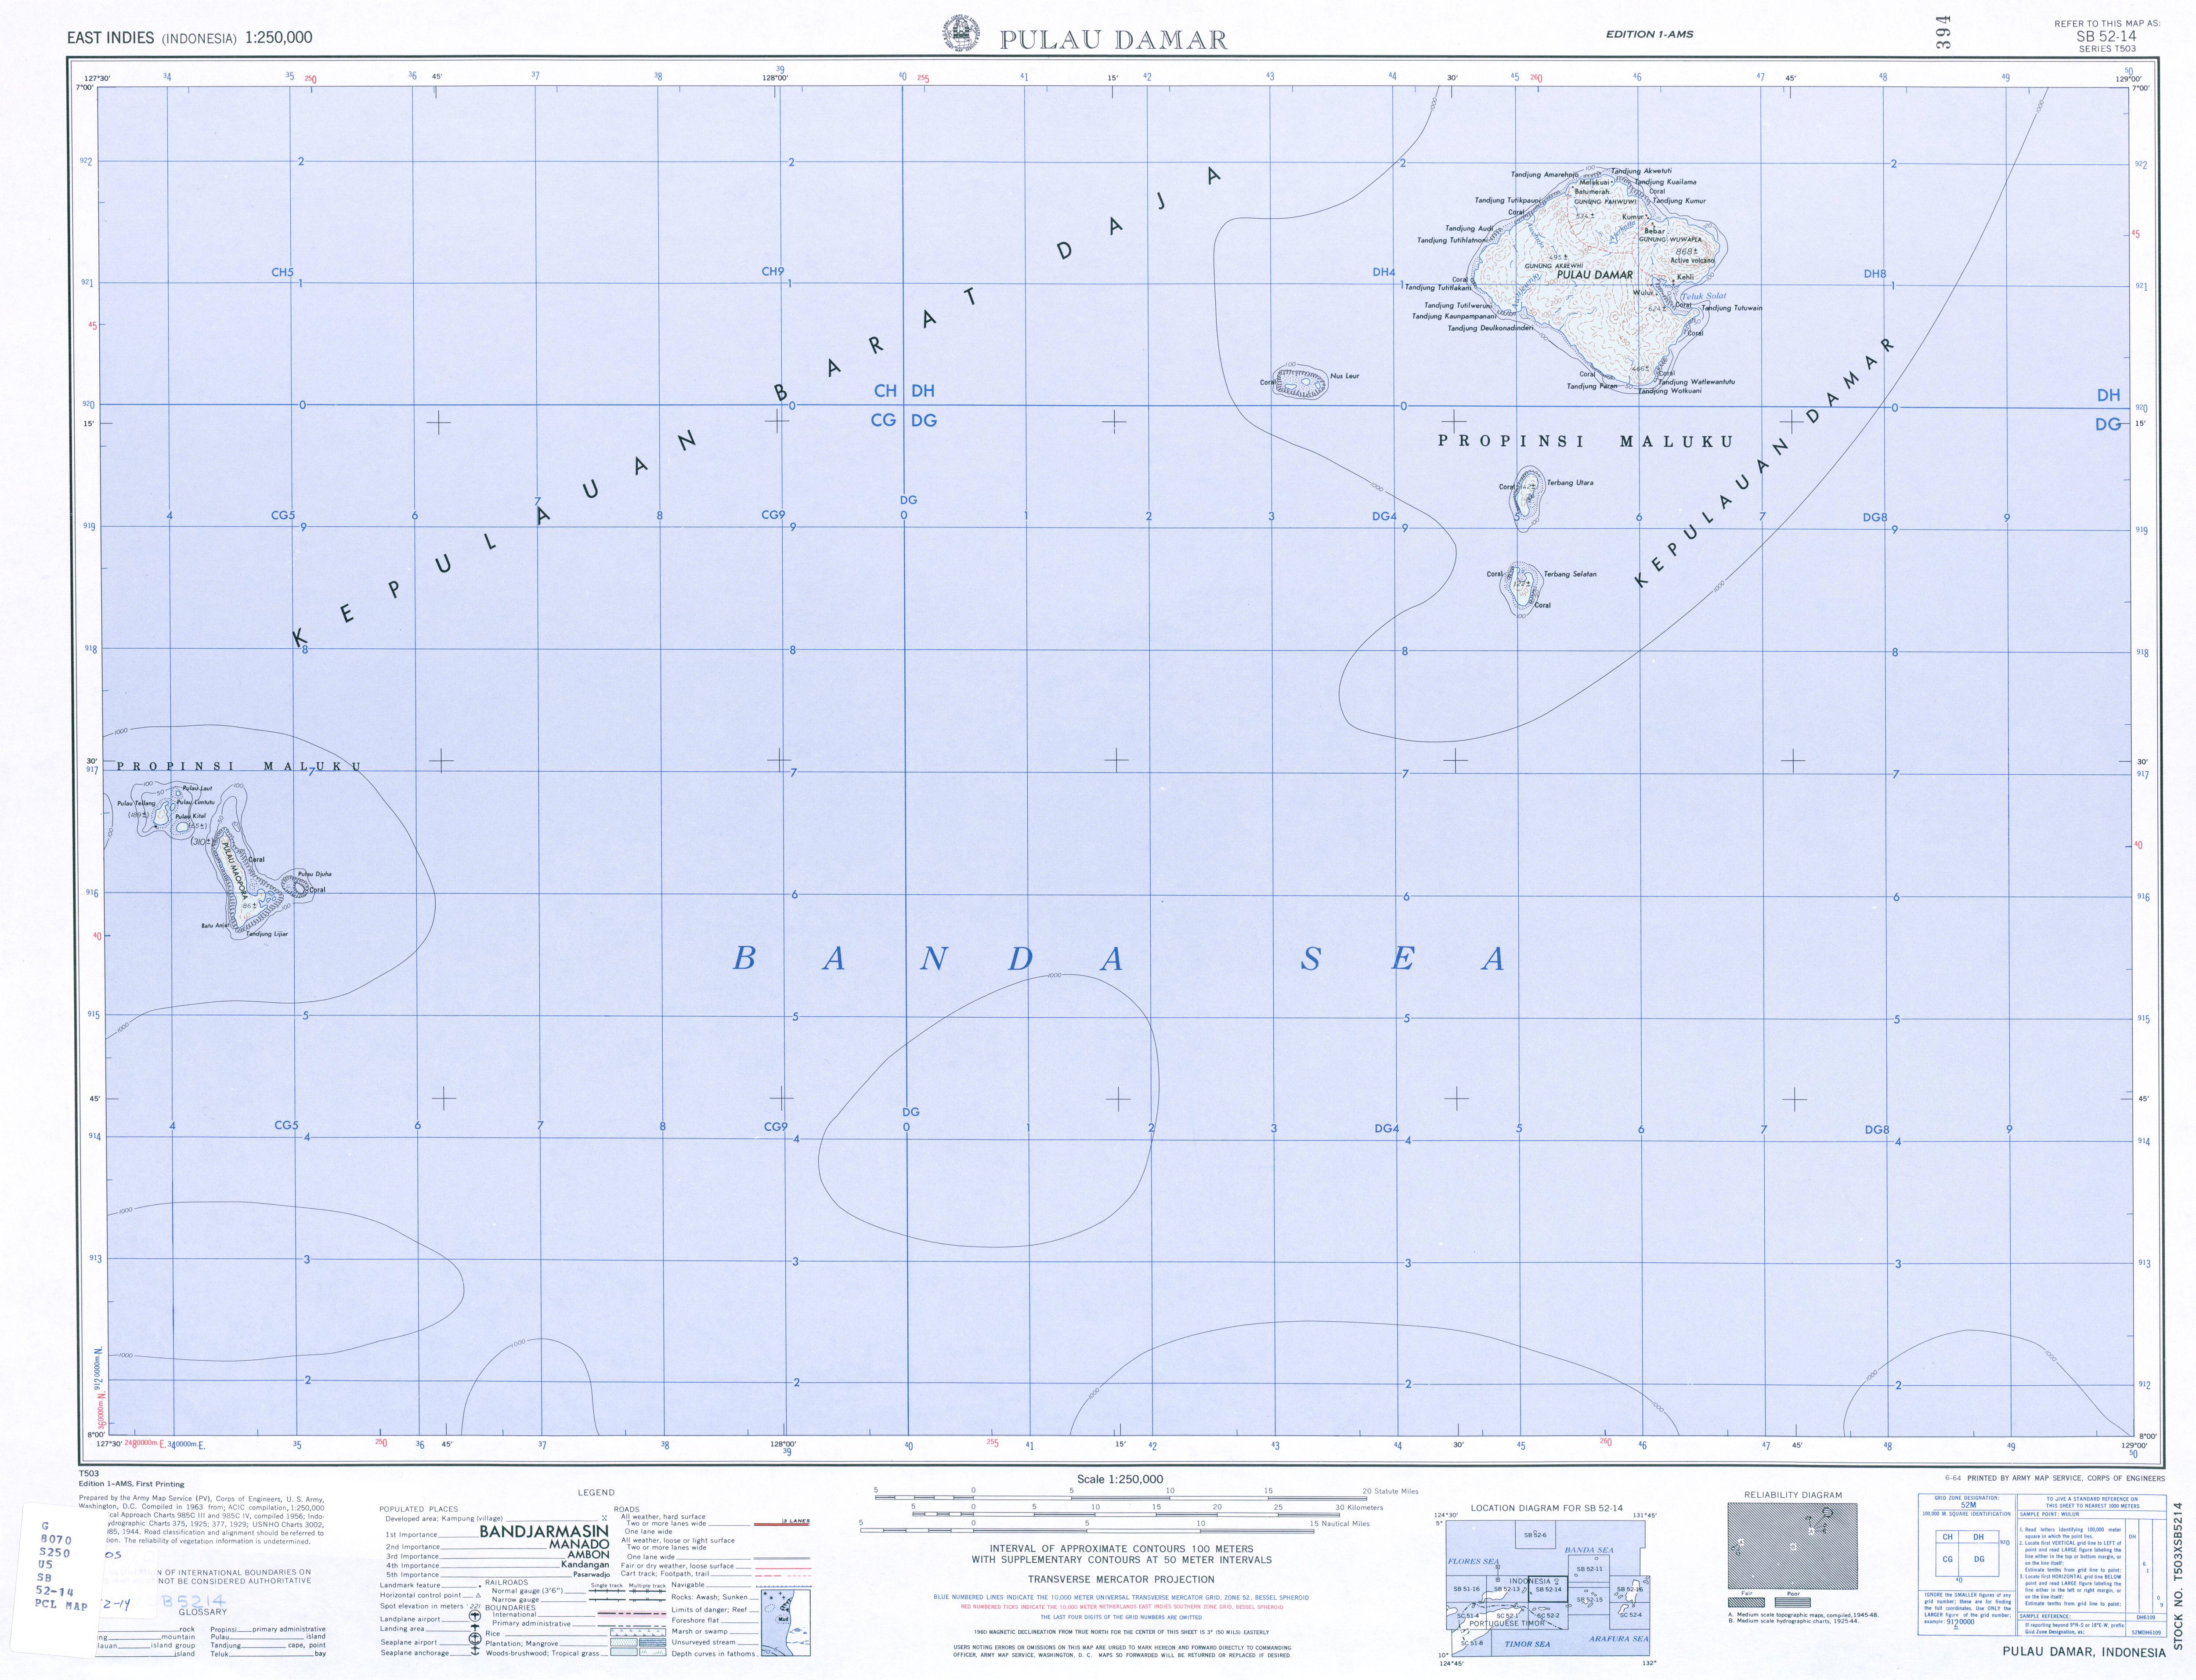 Pulau Damar